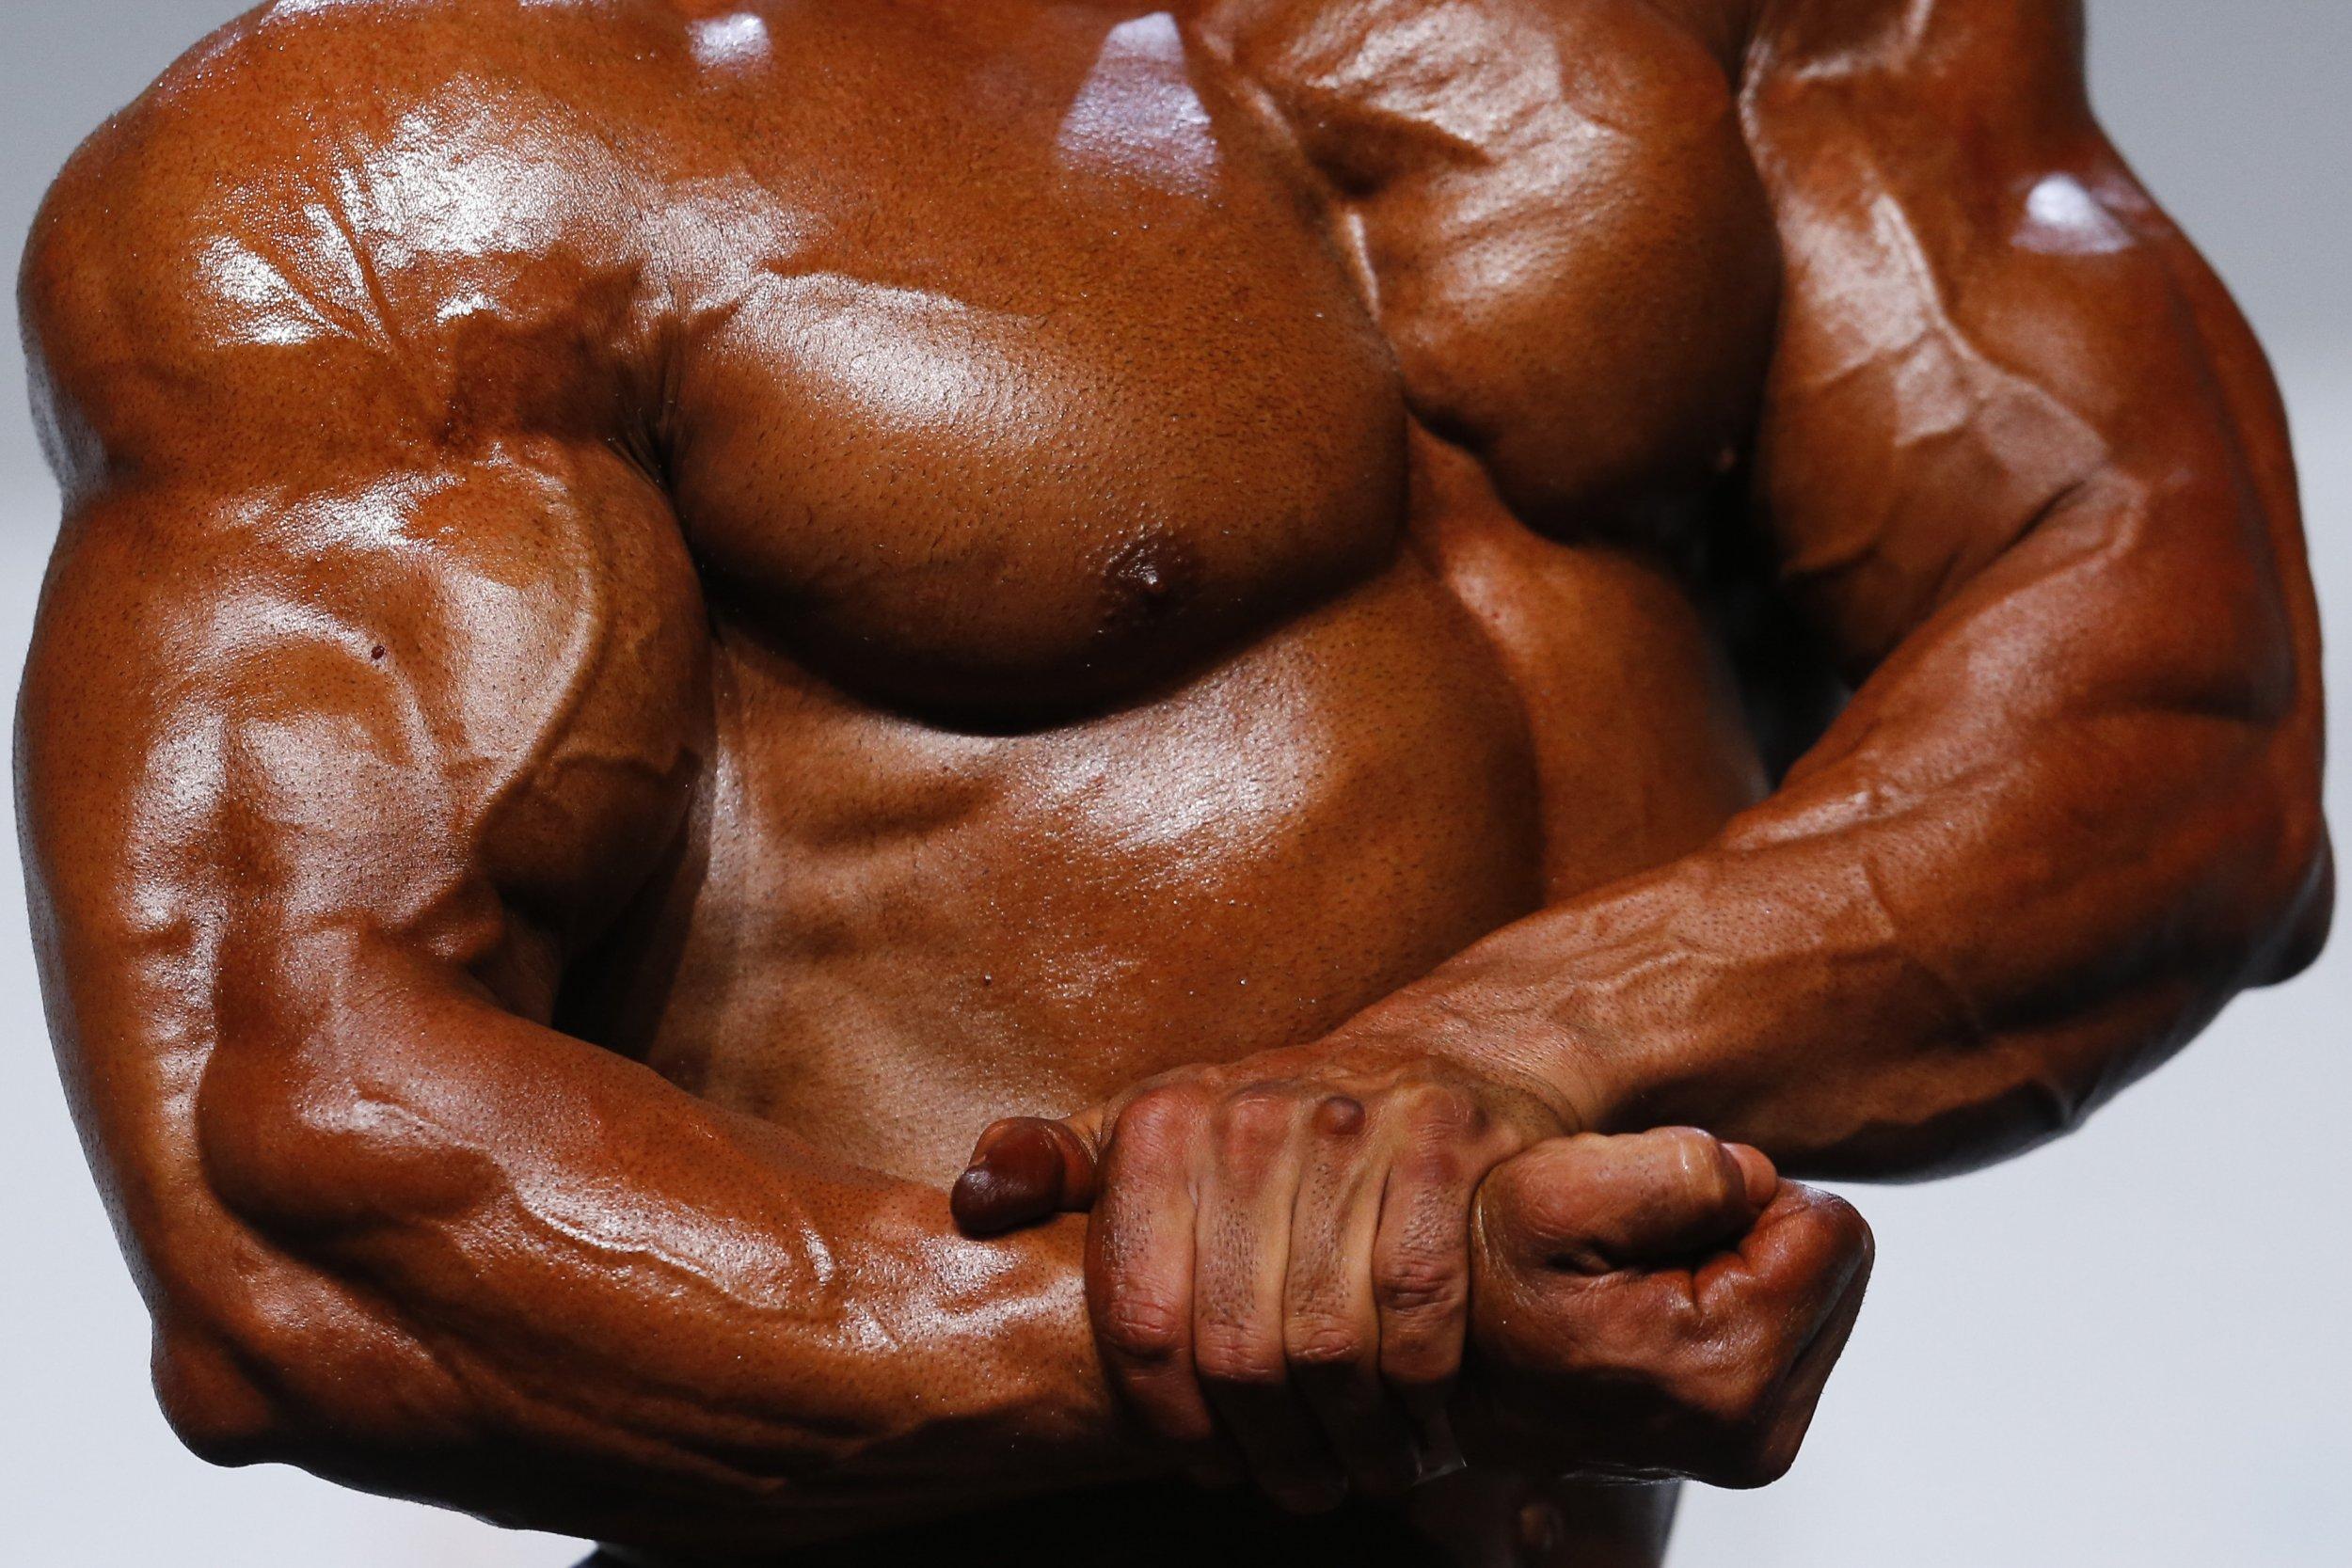 11_28_bodybuilder